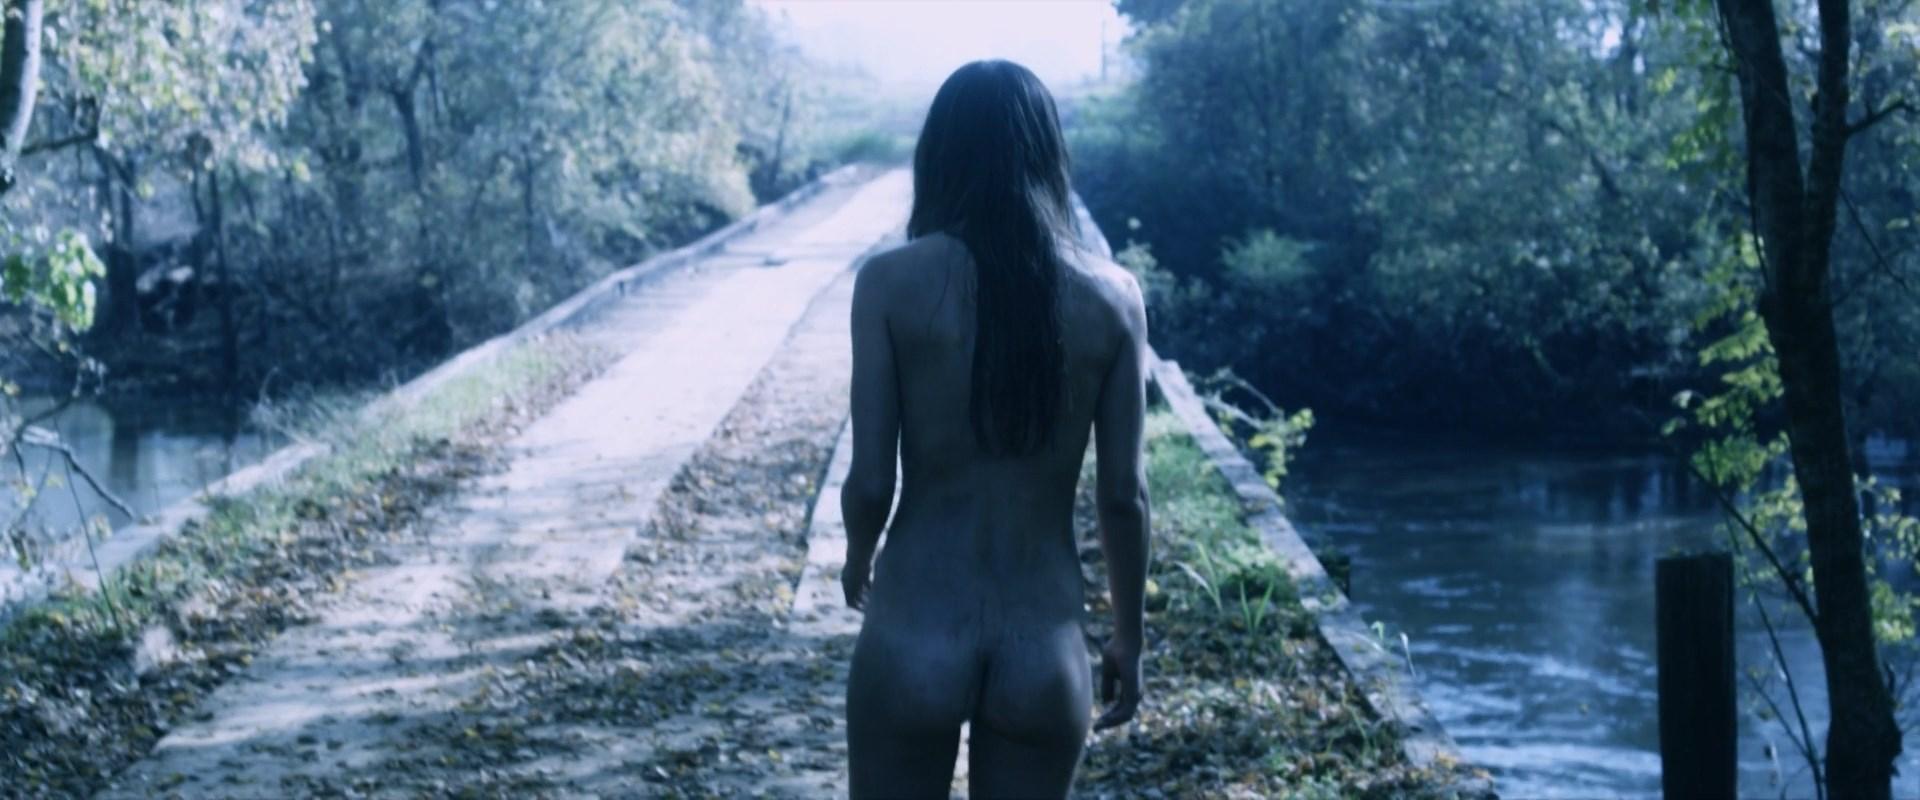 Nude Sarah scene butler